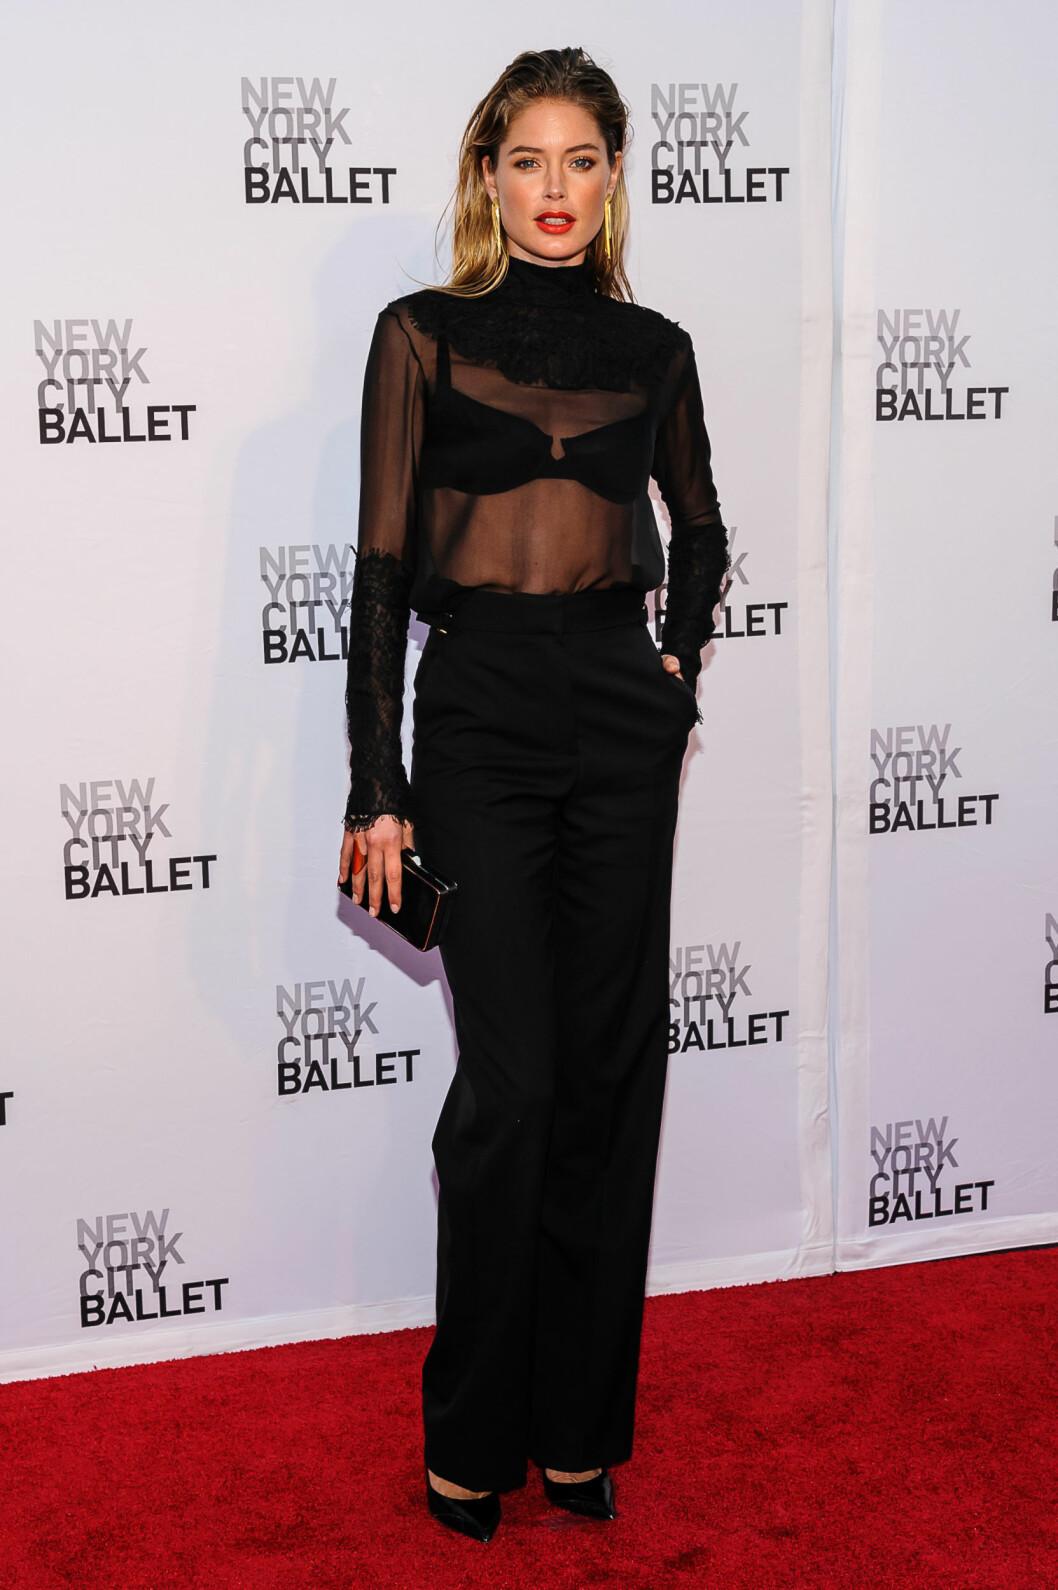 Victoria's Secret-modellen viste hud i en gjennomsiktig bluse med blondeapplikasjoner over enkle, sorte smokingbukser. Håret var vått og grepp bakover, og munnen rød.  Foto: All Over Press